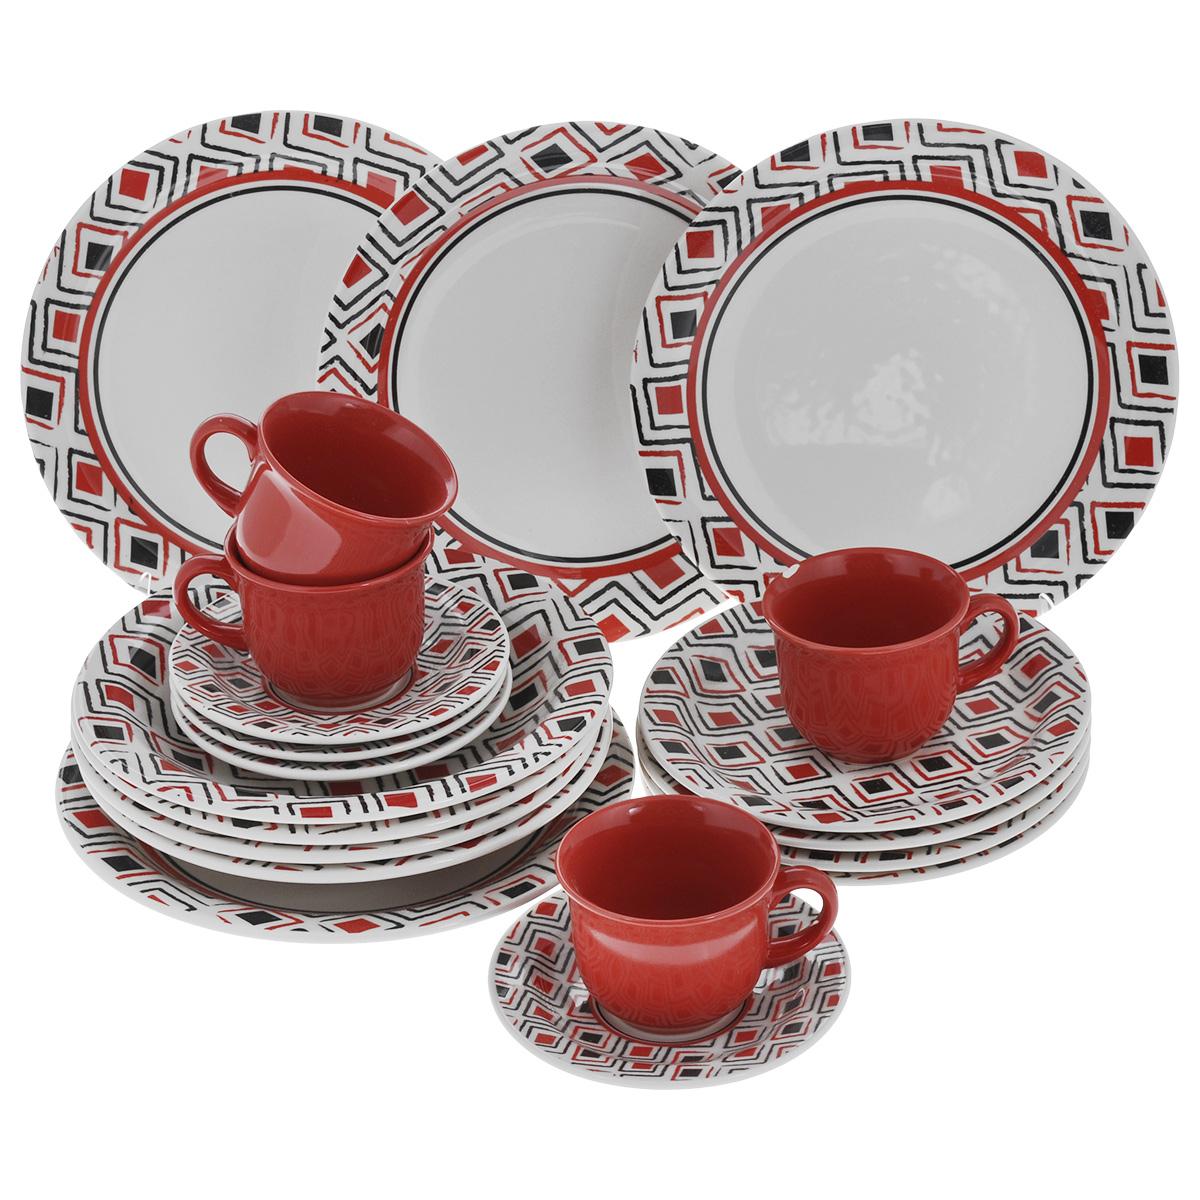 Набор столовый Biona Marajo, 20 предметовVT-1520(SR)Столовый набор Biona Marajo состоит из 4 обеденных тарелок, 4 суповых тарелок, 4 десертных тарелок, 4 блюдец и 4 кружек. Изделия выполнены из высококачественной экологически чистой керамики, которая изготавливается путем спекания глин с минеральными добавками. В качестве покрытия используется глазурь, что подтверждено сертификатами качества и соответствует всем международным санитарным нормам. Изделия оформлены красивым геометричным рисунком, который наносится исключительно вручную. Еще одной особенностью марки является использование экологически чистой упаковки - эксклюзивный деревянный ящик с соломой внутри. Посуда легко моется в посудомоечных машинах, термостойкая (пищу можно подогреть в микроволновой печи, в духовом шкафу). Диаметр обеденной тарелки: 26 см. Диаметр суповой тарелки: 23 см. Диаметр десертной тарелки: 20 см. Диаметр блюдца: 15 см. Объем чашки: 200 мл. Диаметр чашки (по верхнему краю): 9 см. Высота чашки: 7 см.